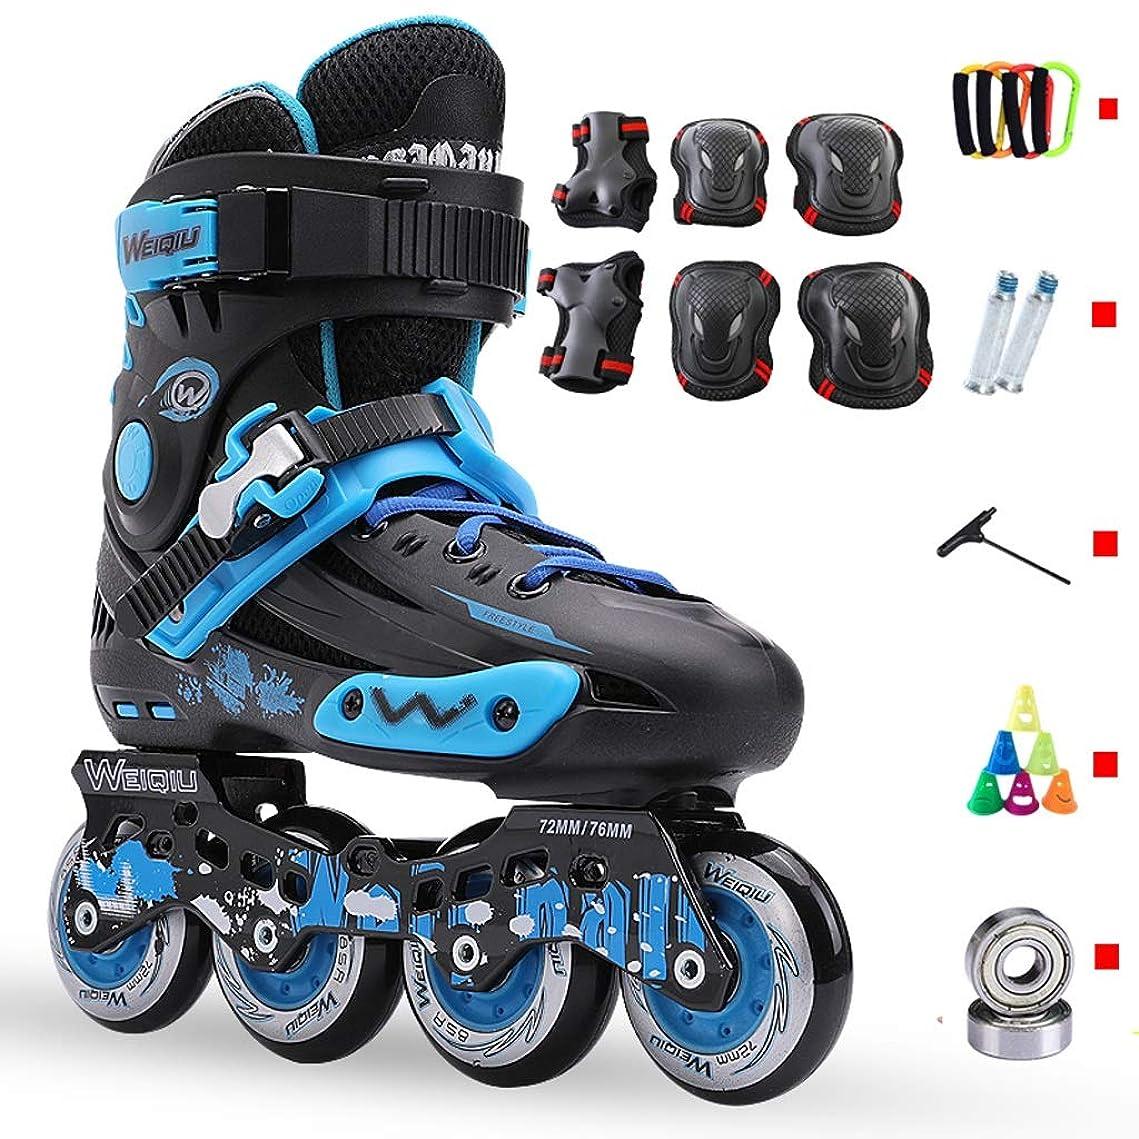 むさぼり食う役割ムスタチオインラインスケート インラインスケート、成人男性および女性初心者のためのプロの平らな靴、大学生のスピードスケート靴、35から44ヤードのオプション (Color : A, Size : EU 43/US 10/UK 9/JP 26.5cm)